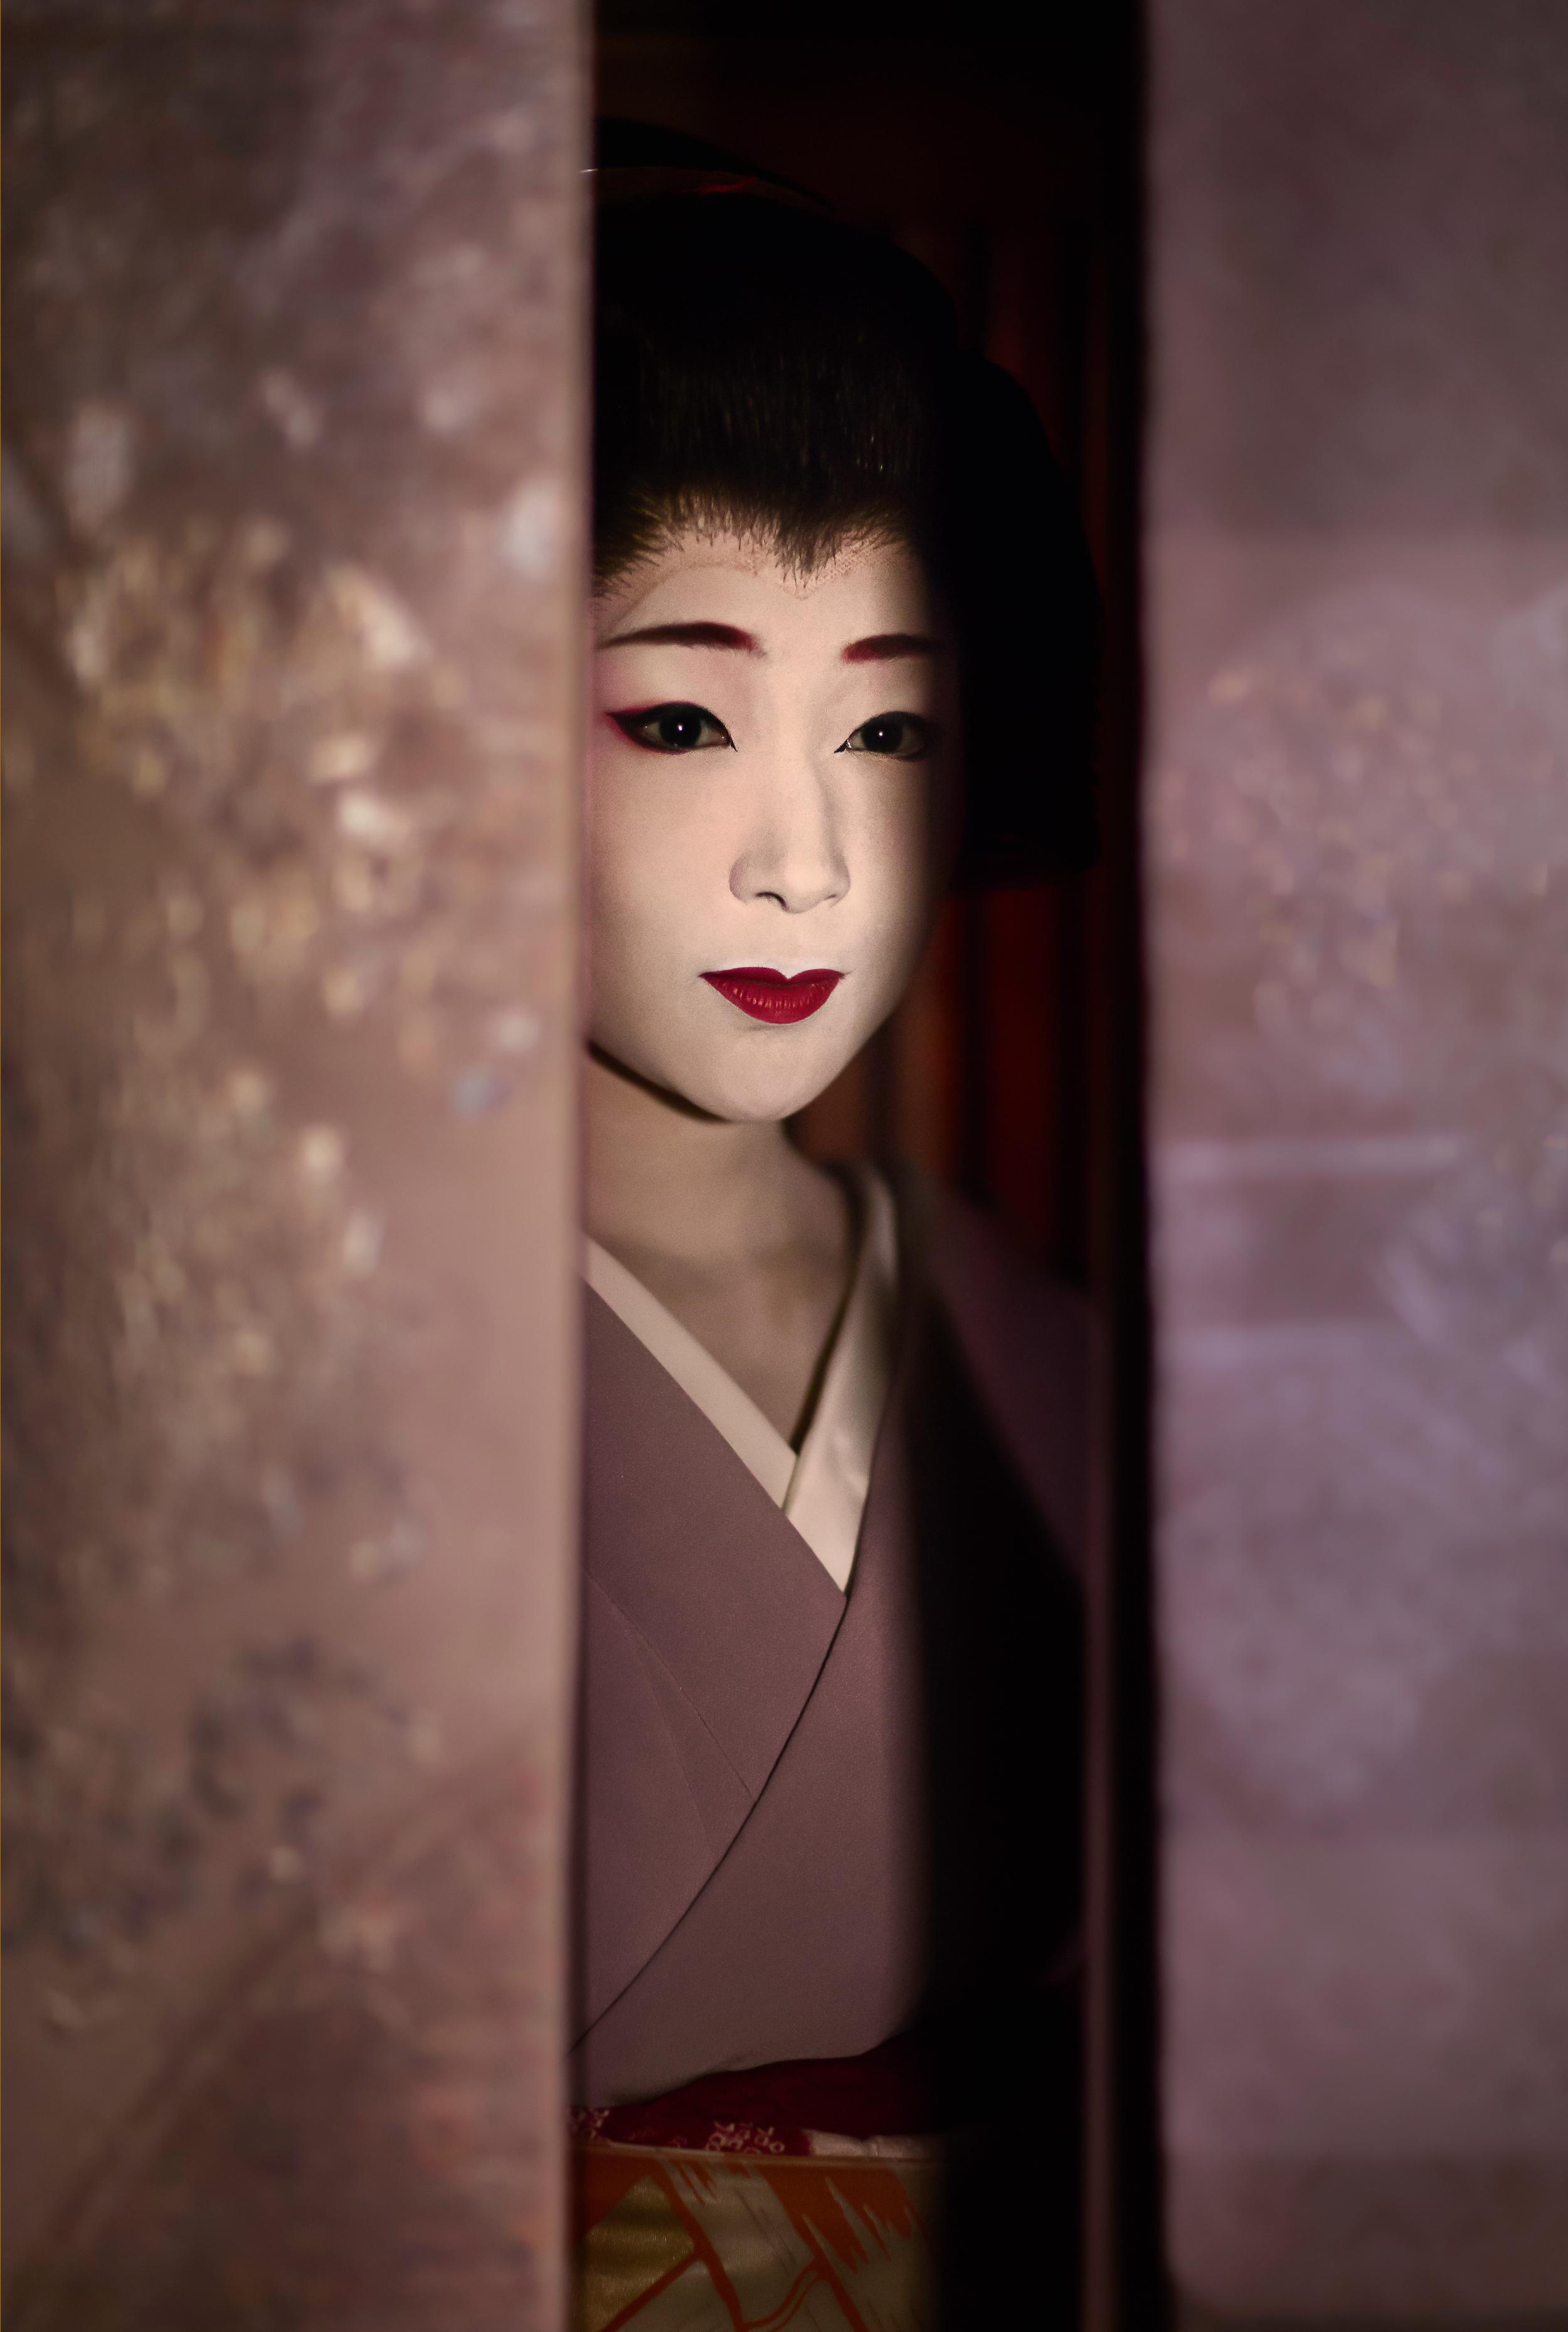 Seeing Geiko Exhibition Image 2